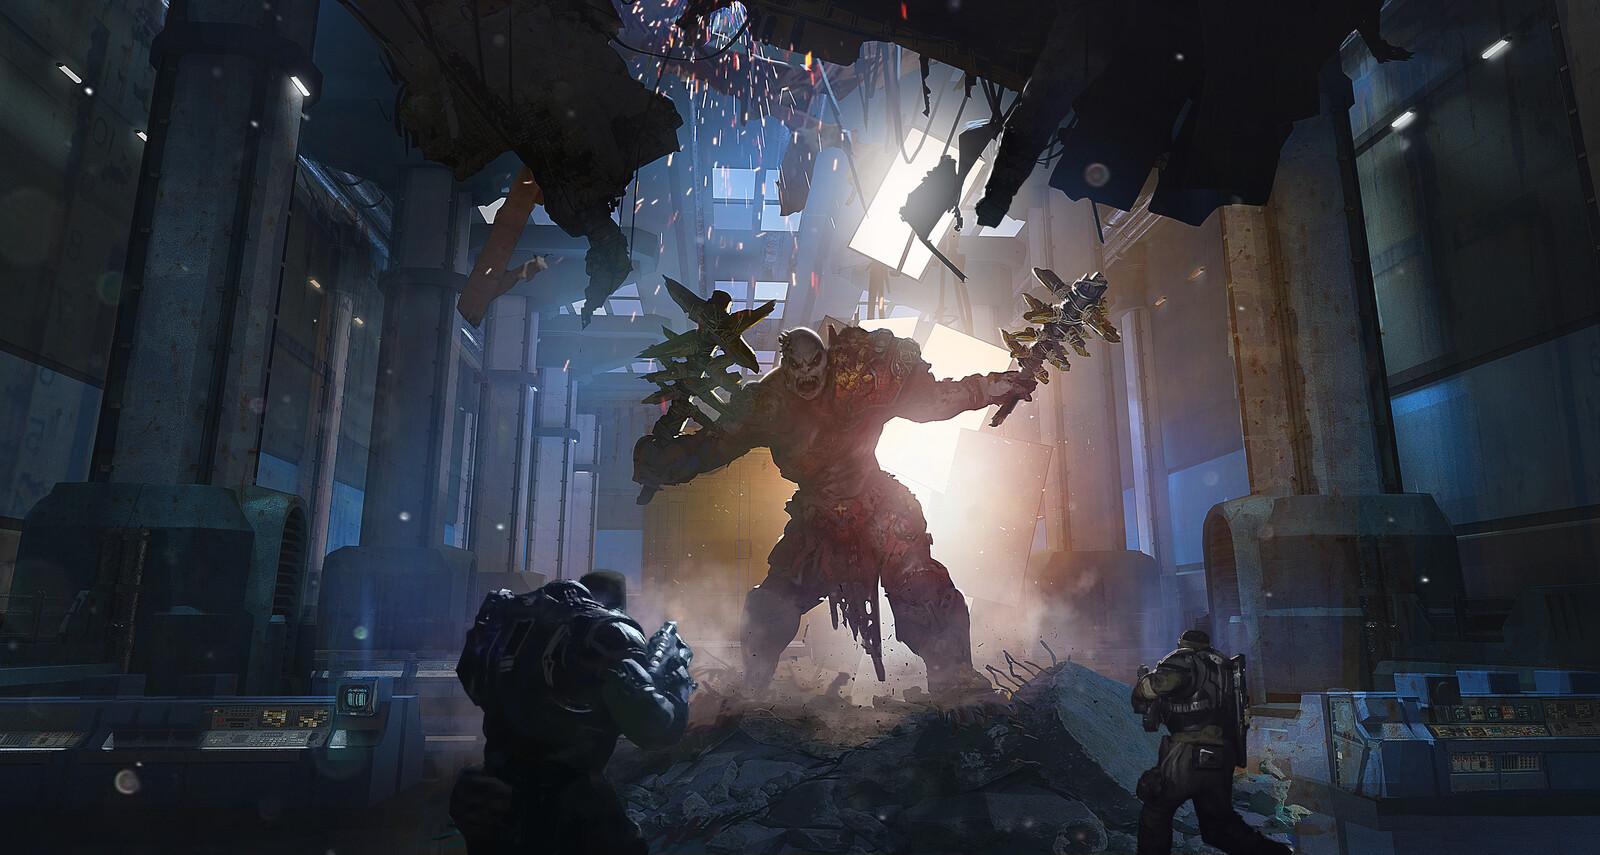 Gears Of War 5 - Warden entrance